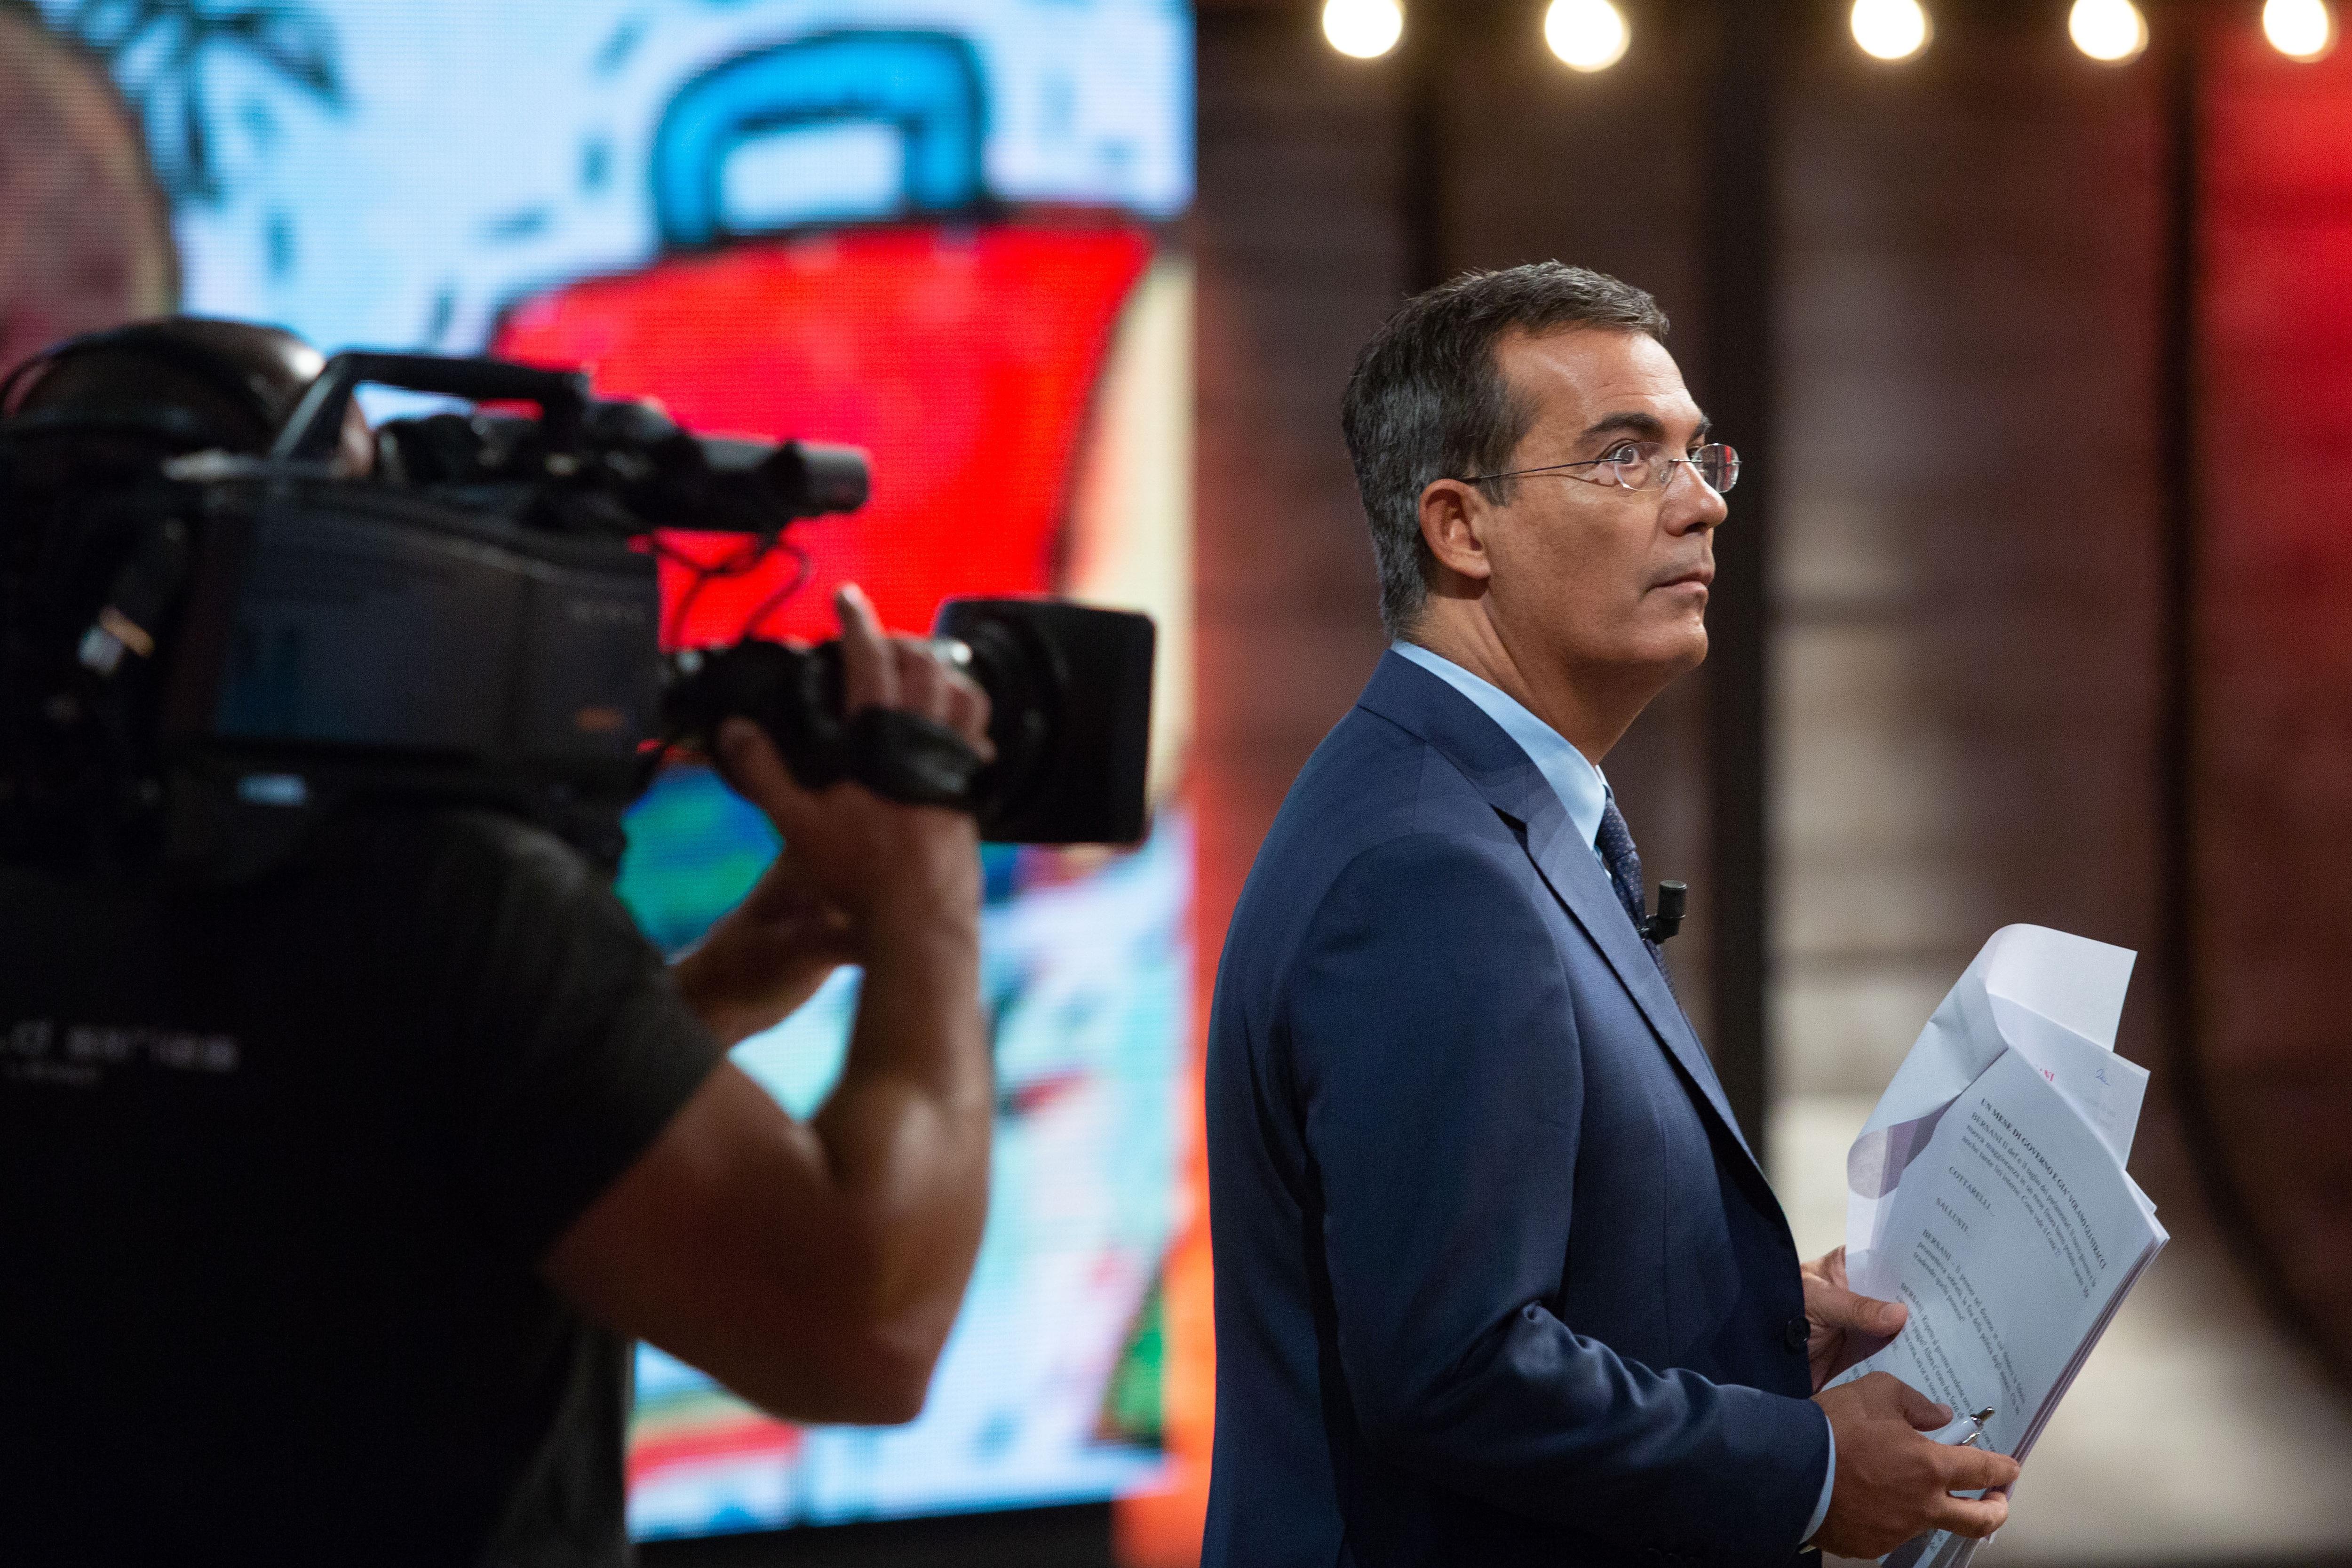 """Giovanni Floris durante una puntata del suo programma La7 """"di MartedÌ"""""""